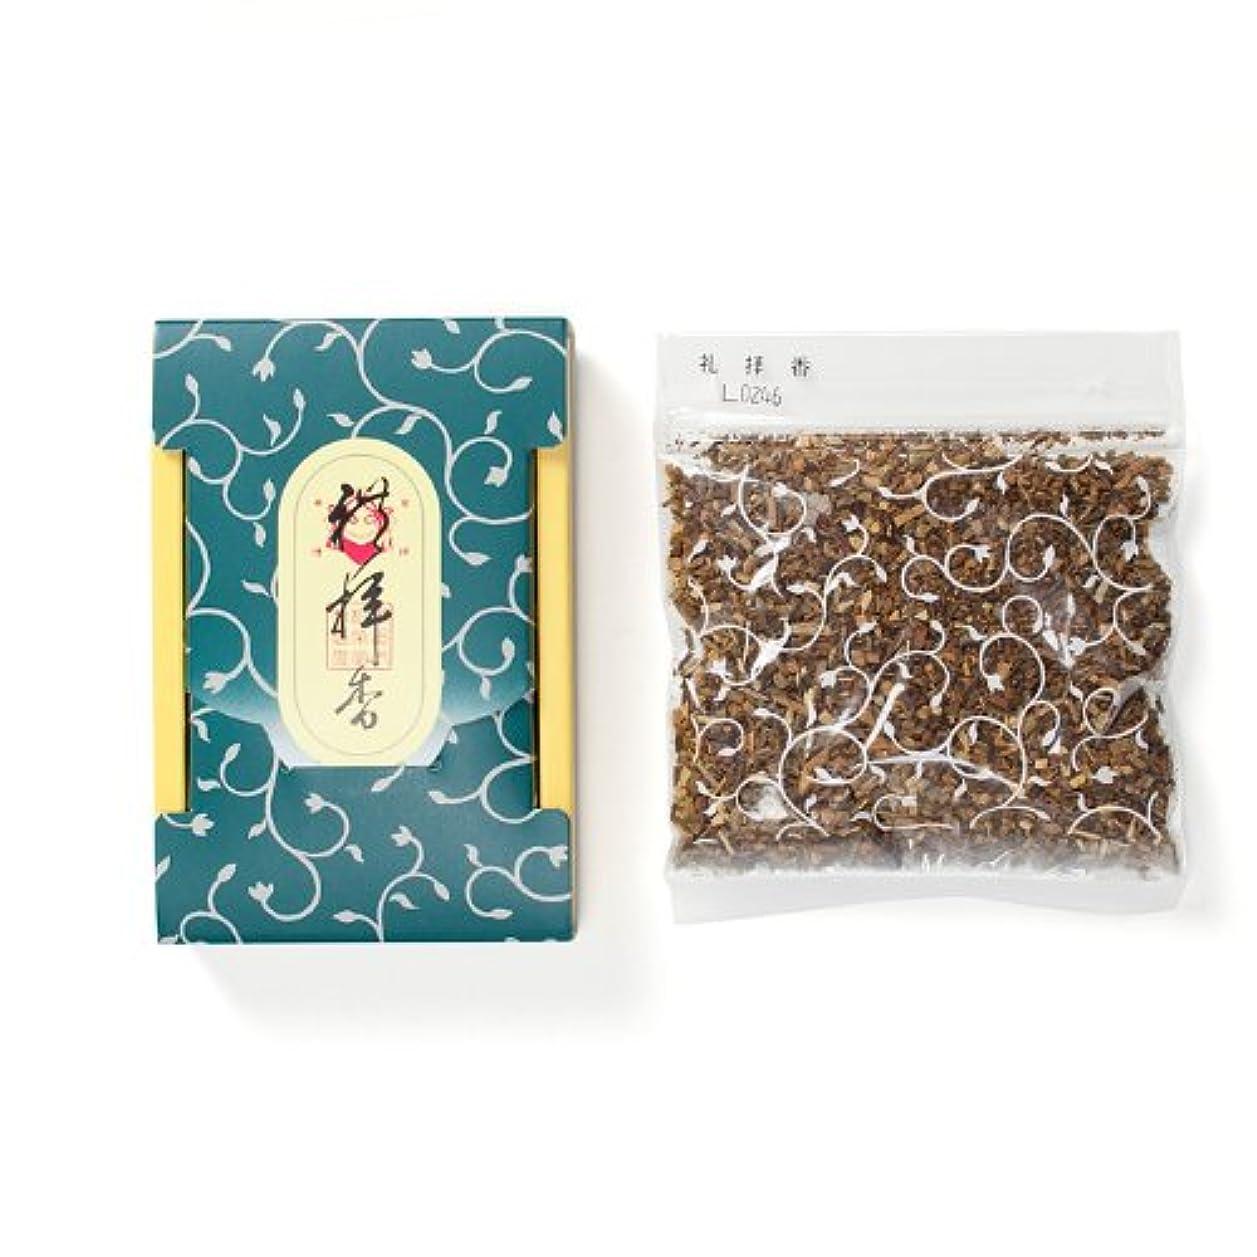 診断するカポック戦士松栄堂のお焼香 礼拝香 25g詰 小箱入 #410541